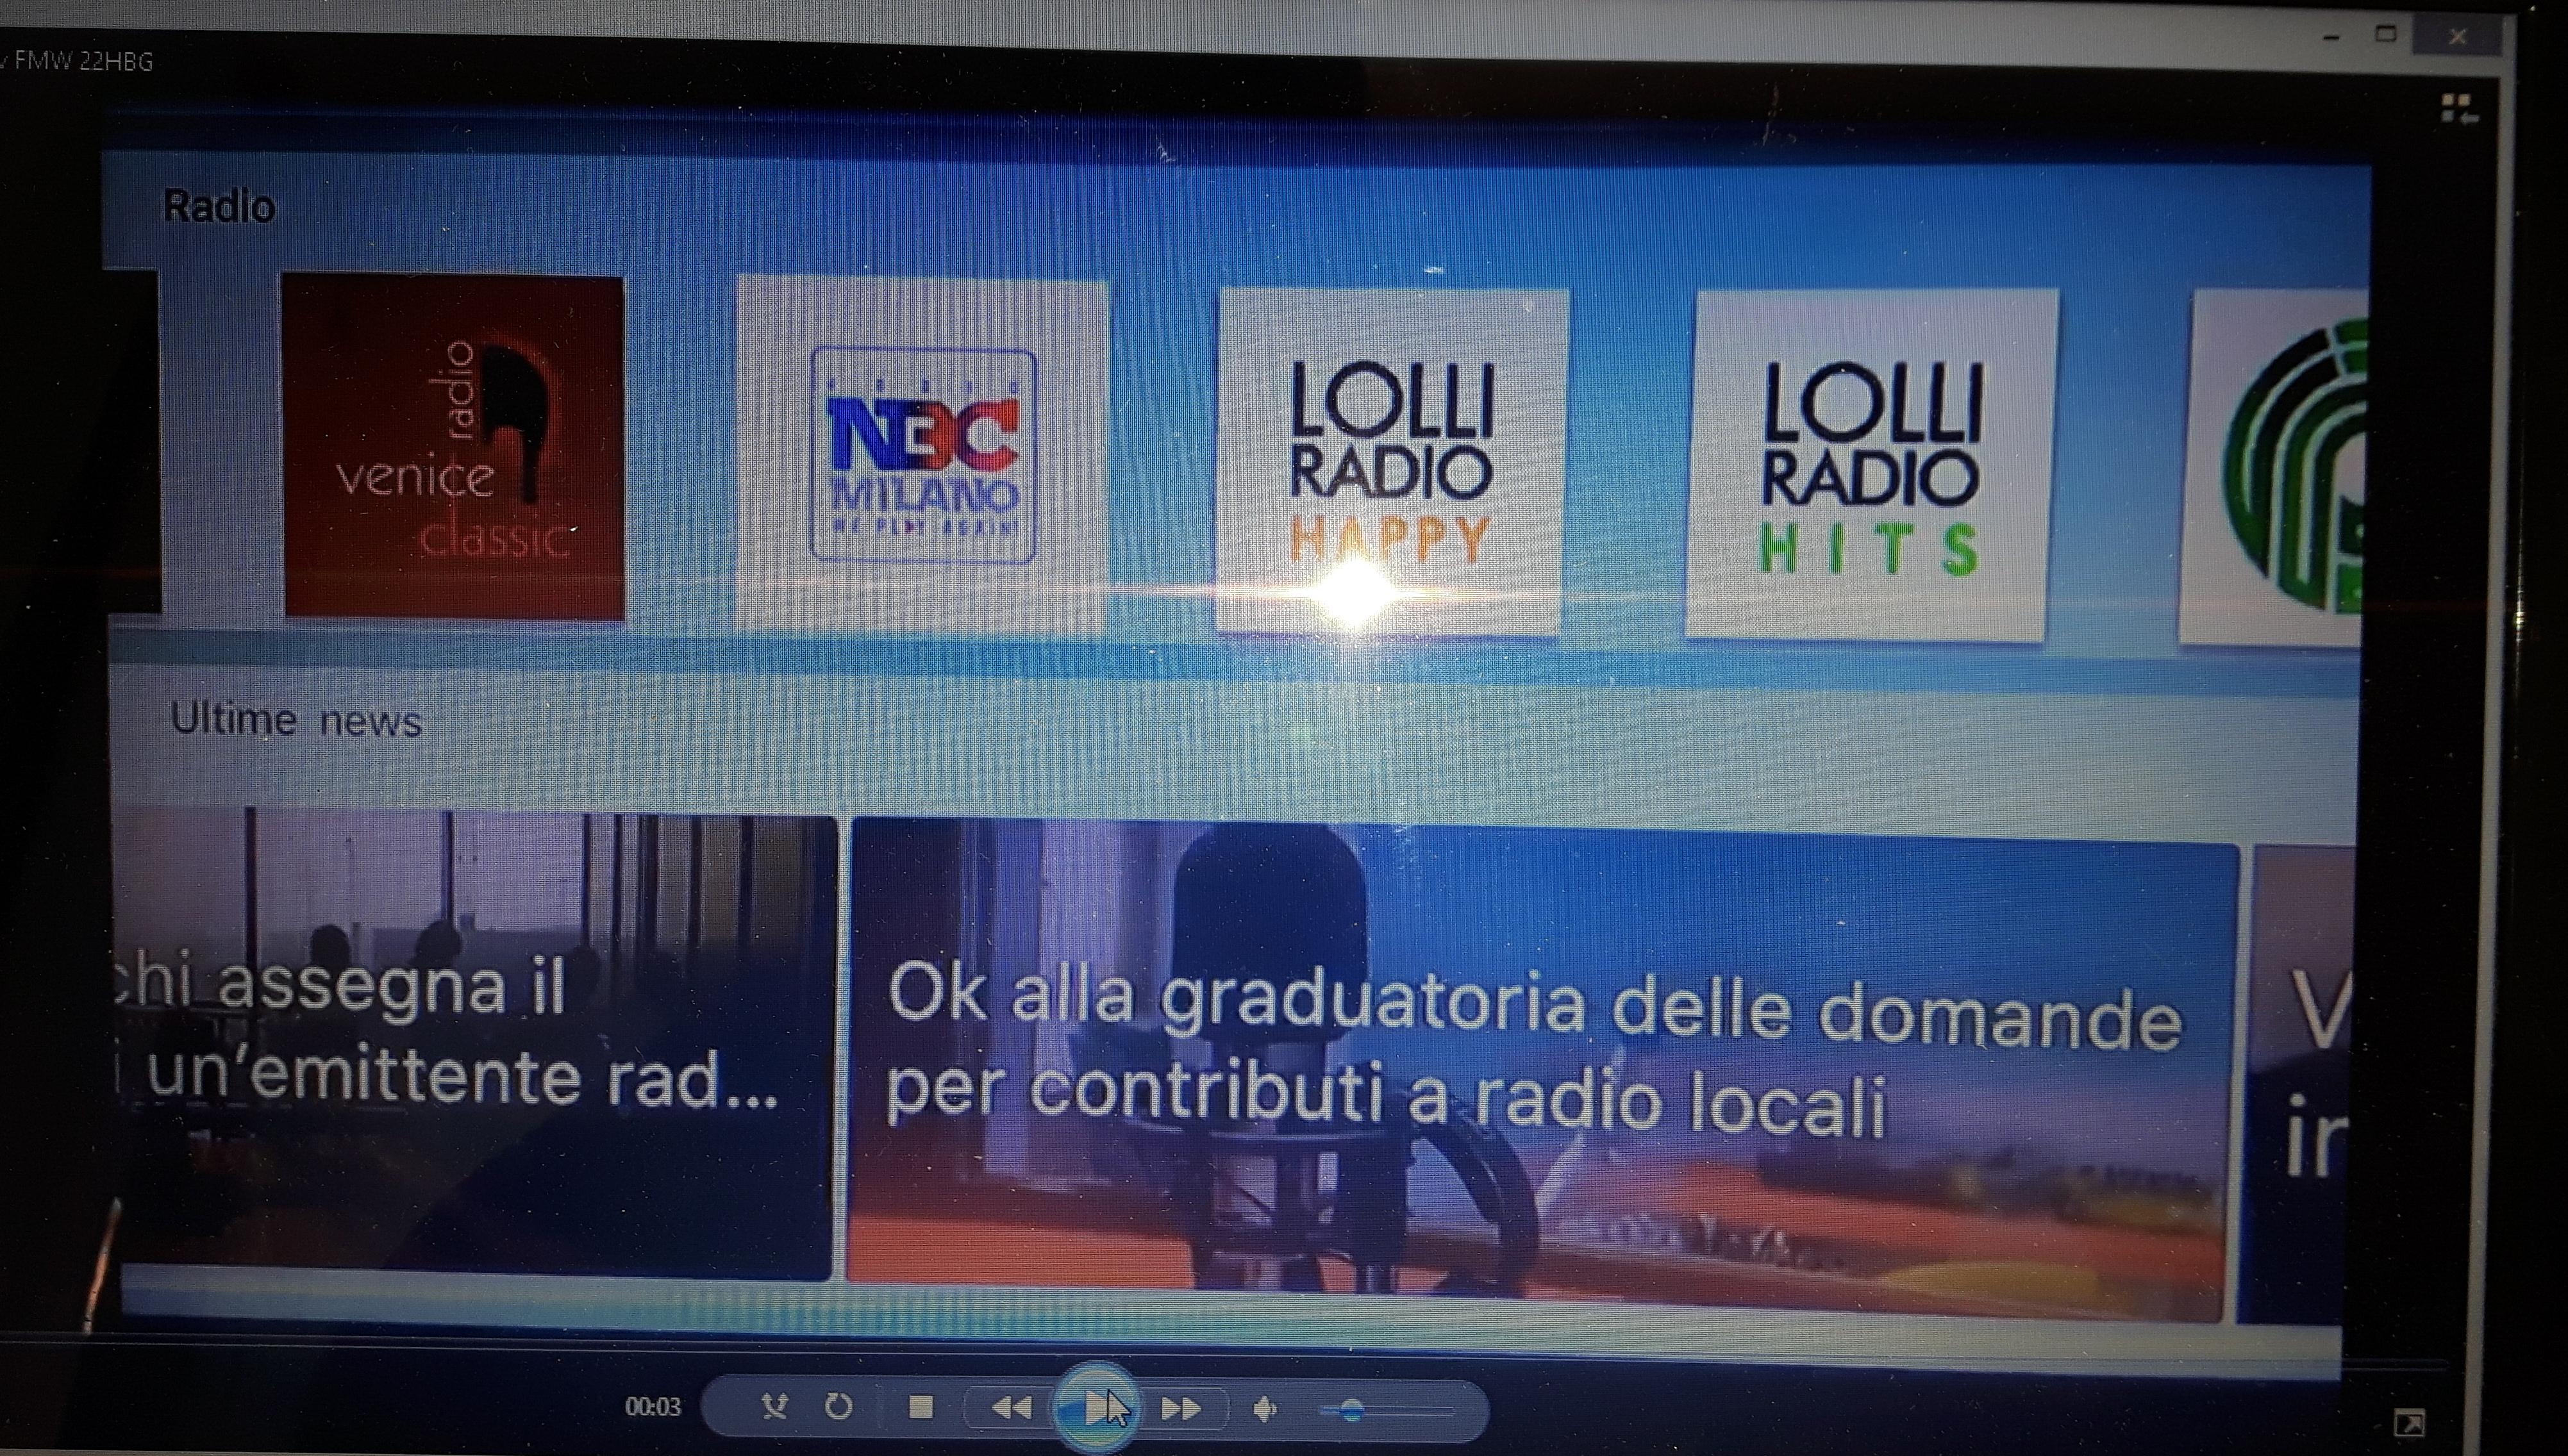 FM World smart tv - Radio 4.0. Il contenuto multipiattaforma Is Good For You integra l'FM. Esempio di sinergie a portata di tutti gli editori